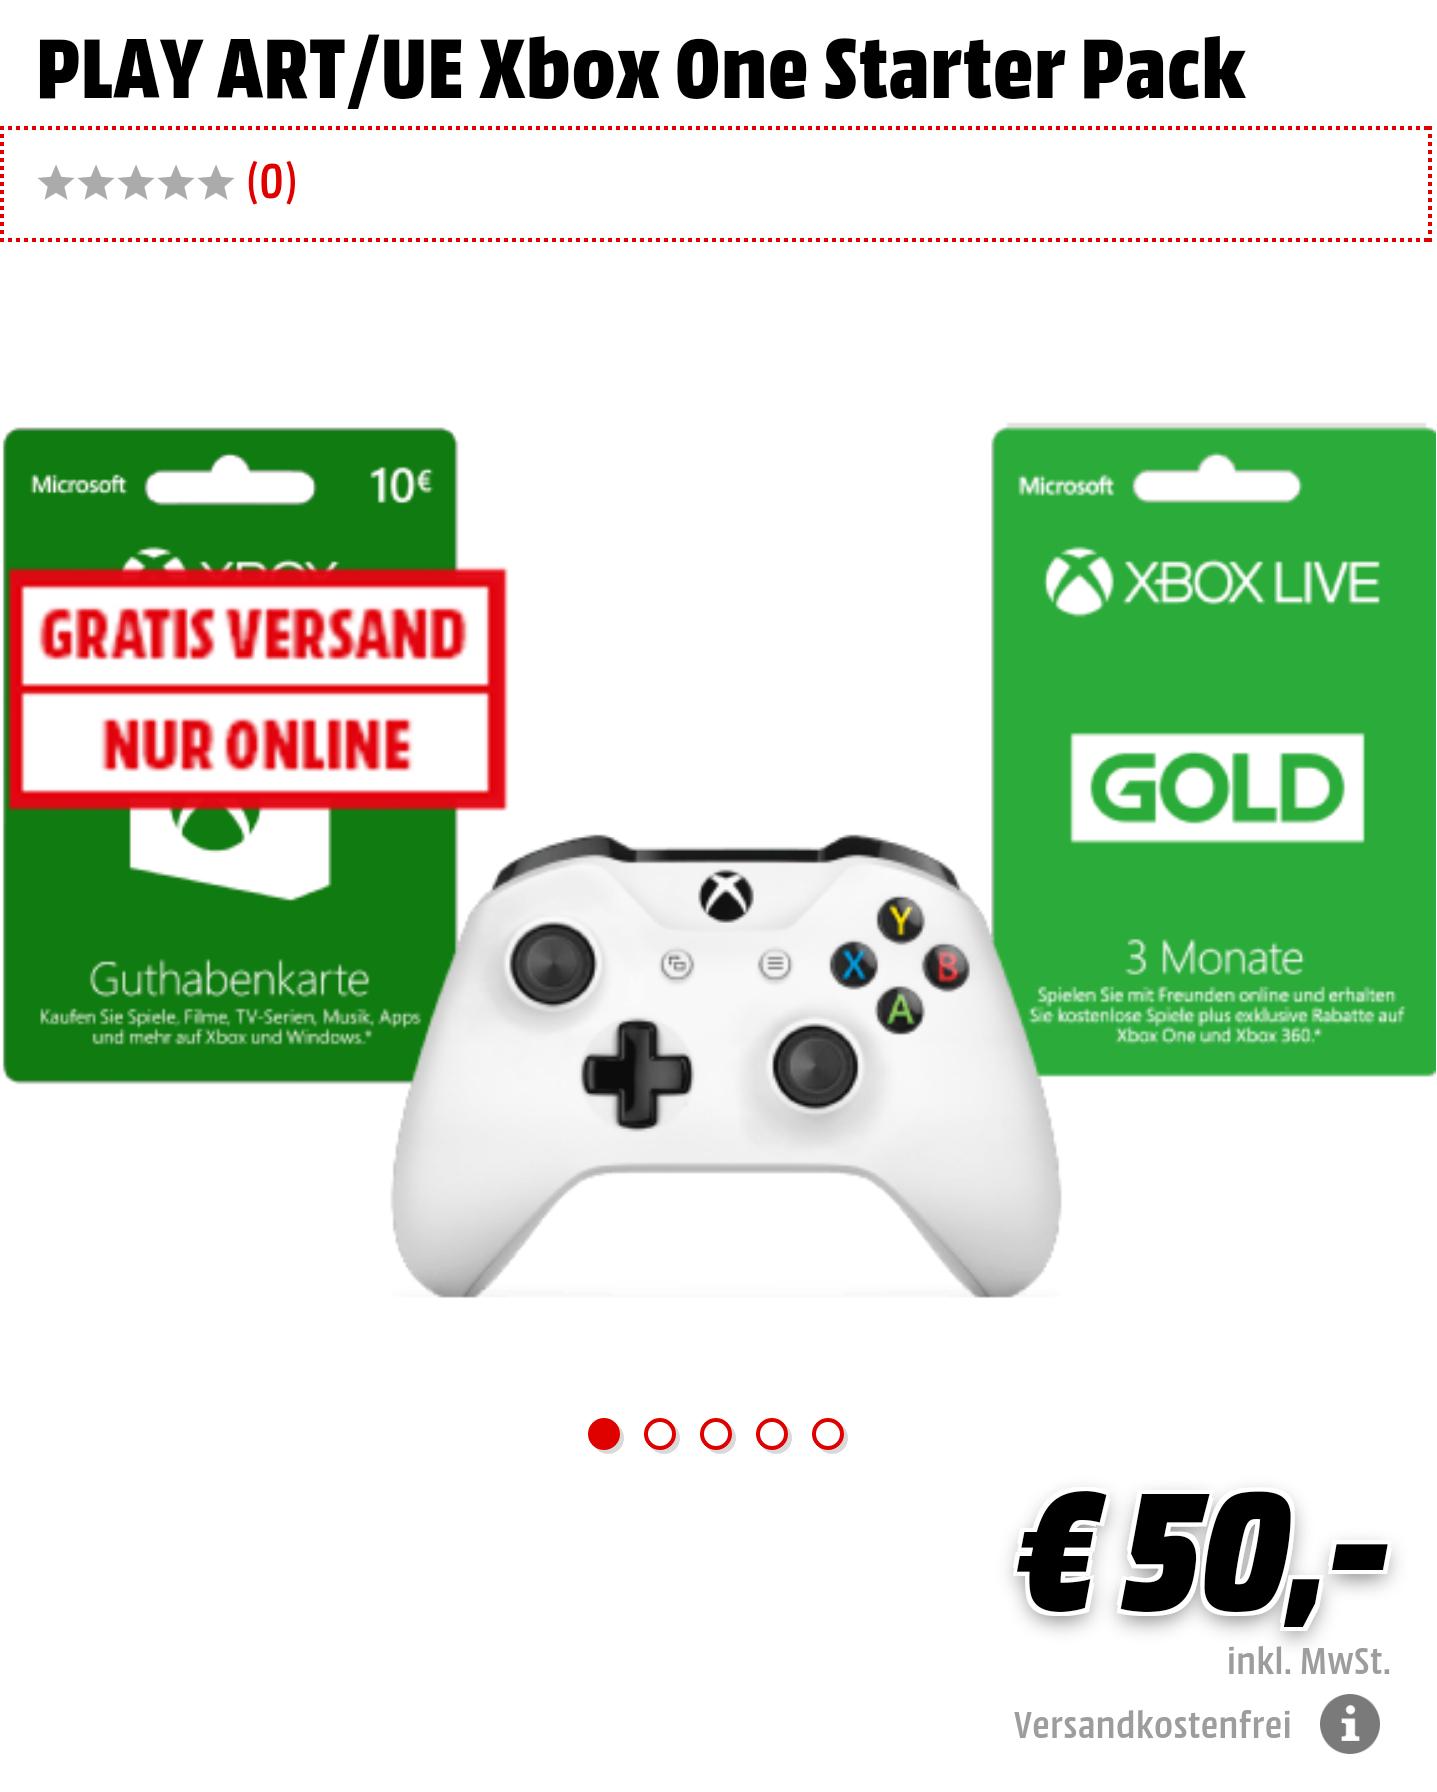 XBOX ONE Starter Pack bestehend aus XBOX ONE Controller + 3 Monate XBOX Live Gold  + 10€ XBOX Guthabenkarte